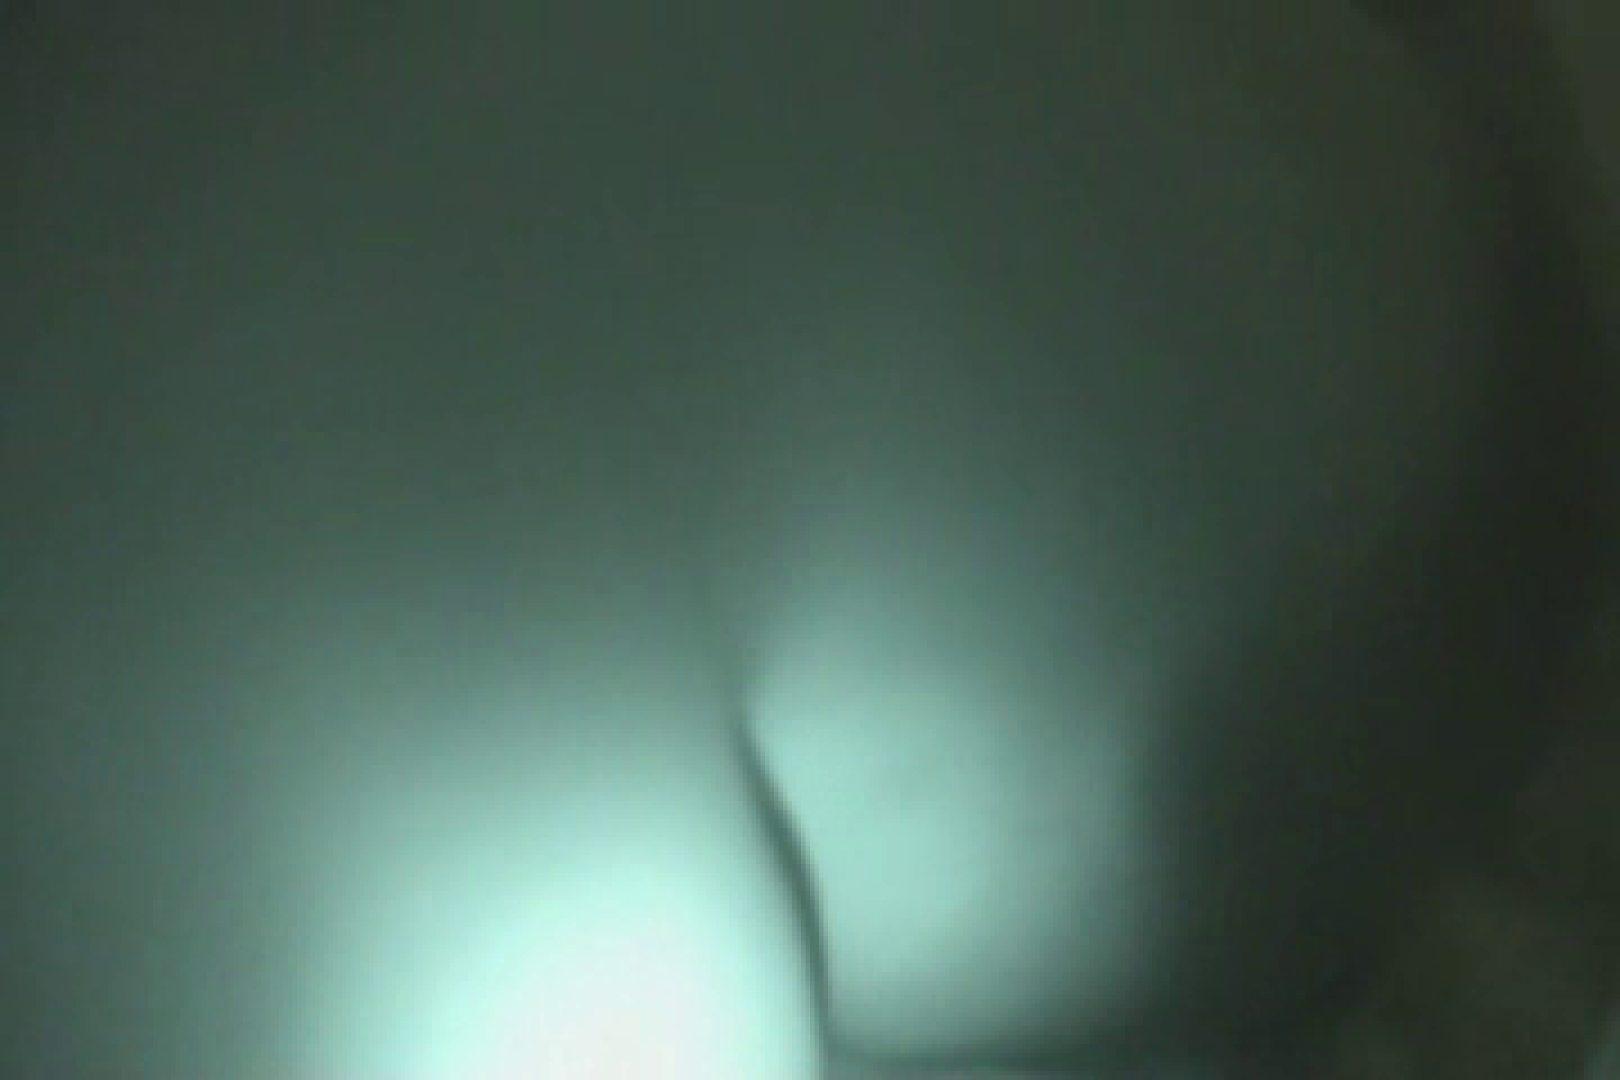 タレ目ちゃんに電気を消して中出し アナルプレイ エロ画像 105pic 16